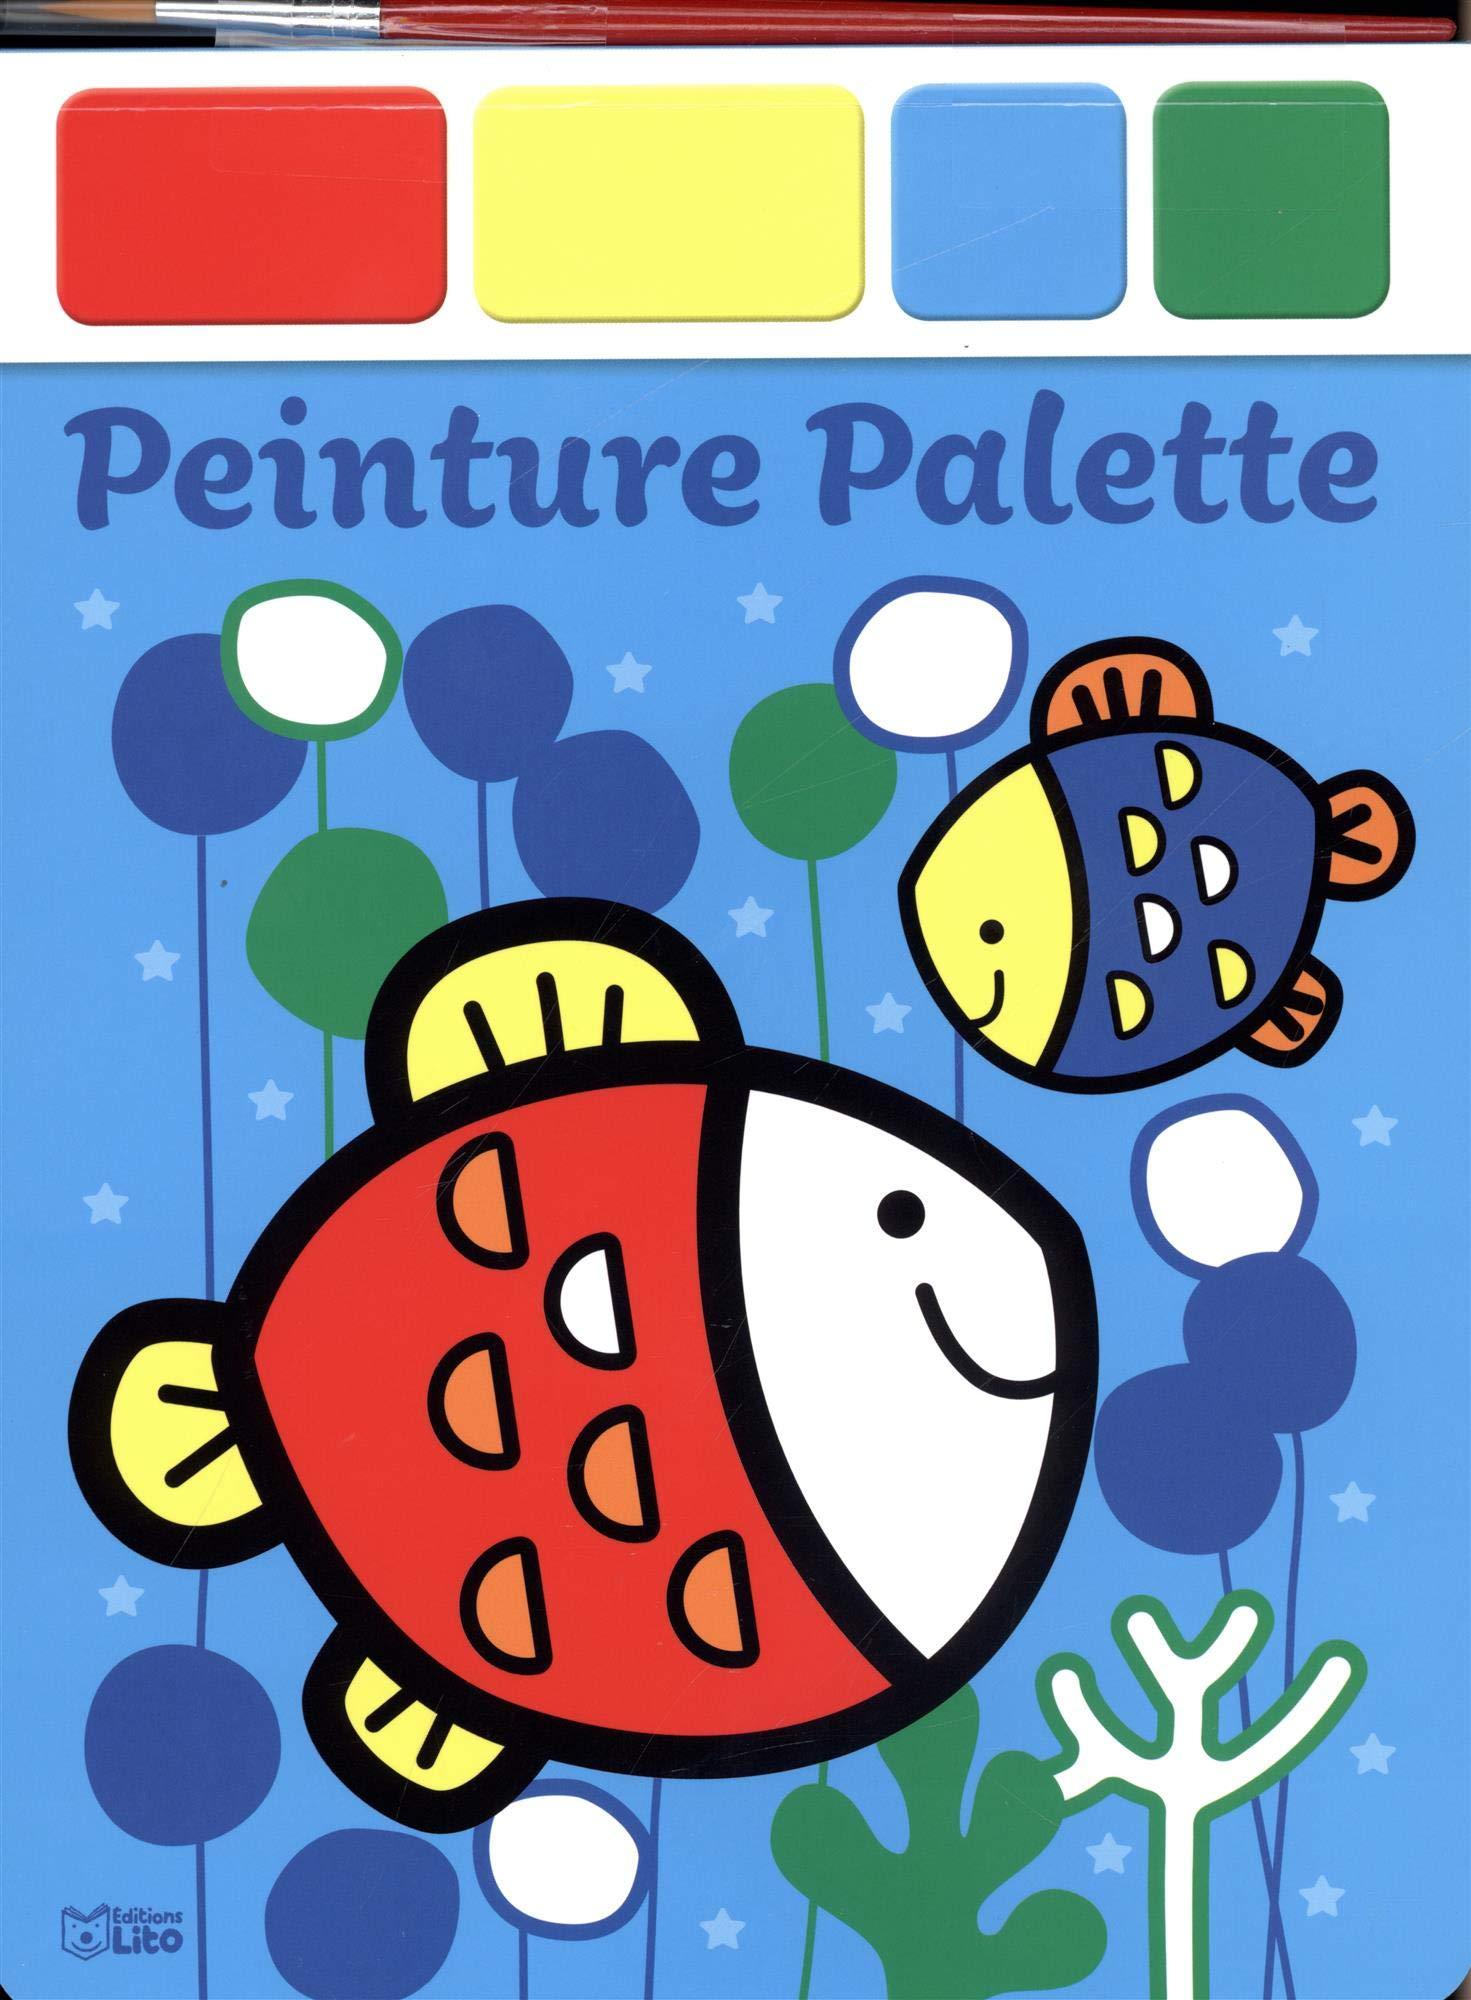 Amazoncom Peinture Palette Les Poissons 9782244108278